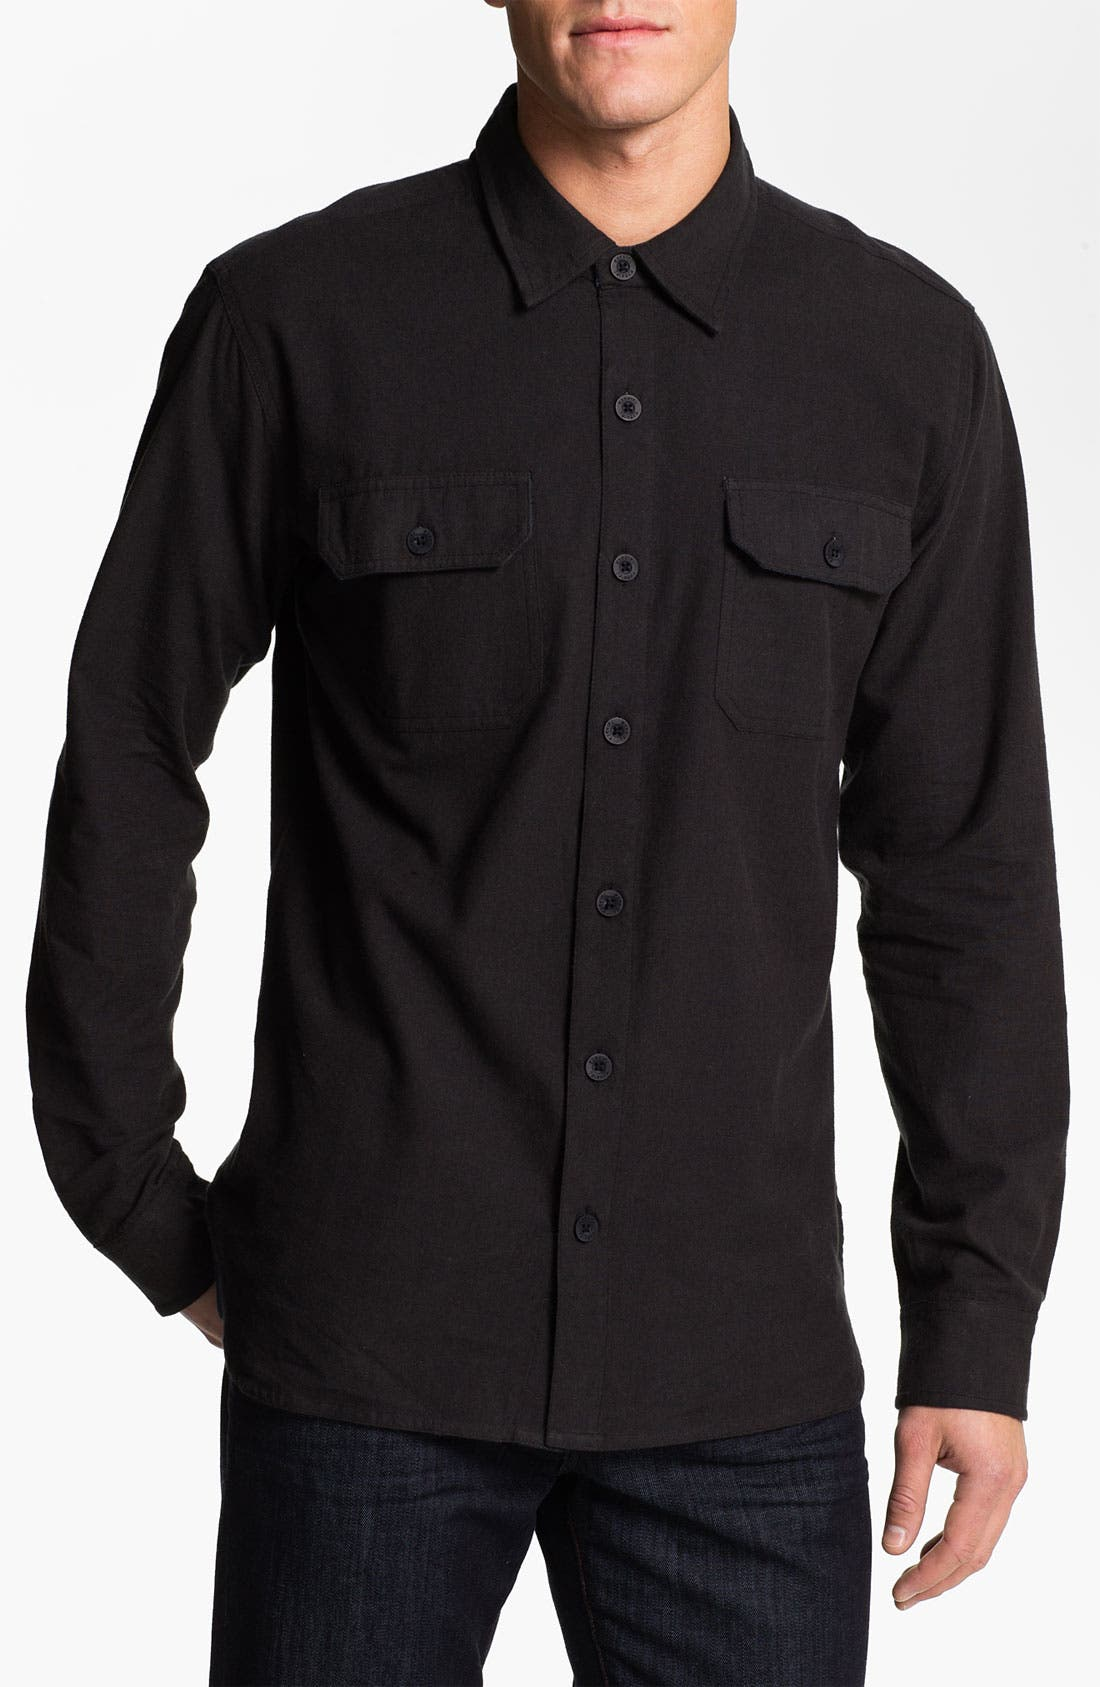 Main Image - Ezekiel 'The Union' Cotton Flannel Shirt